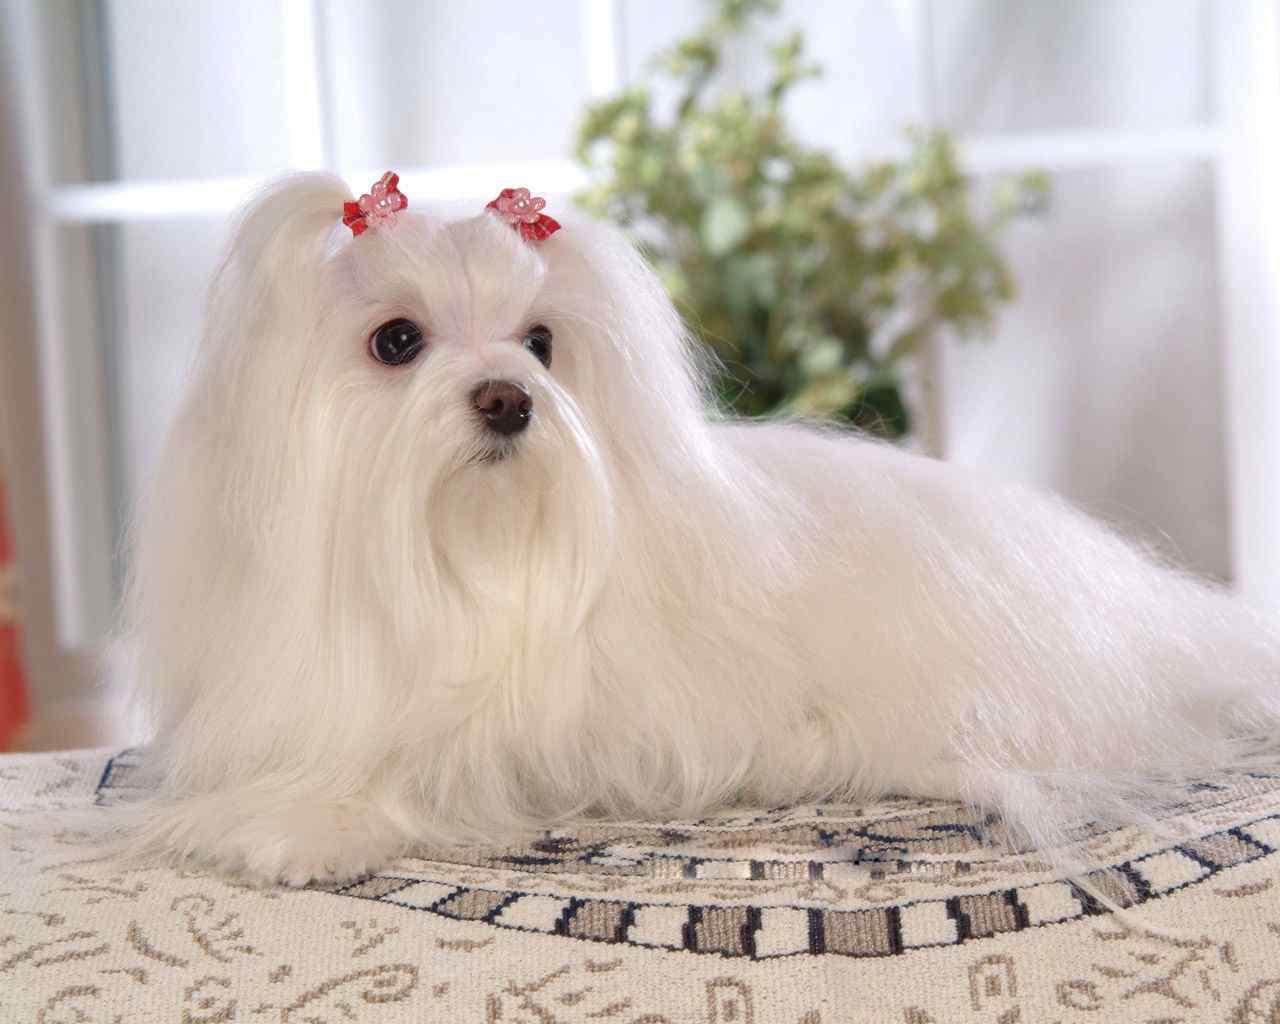 可爱的马尔济斯犬桌面壁纸